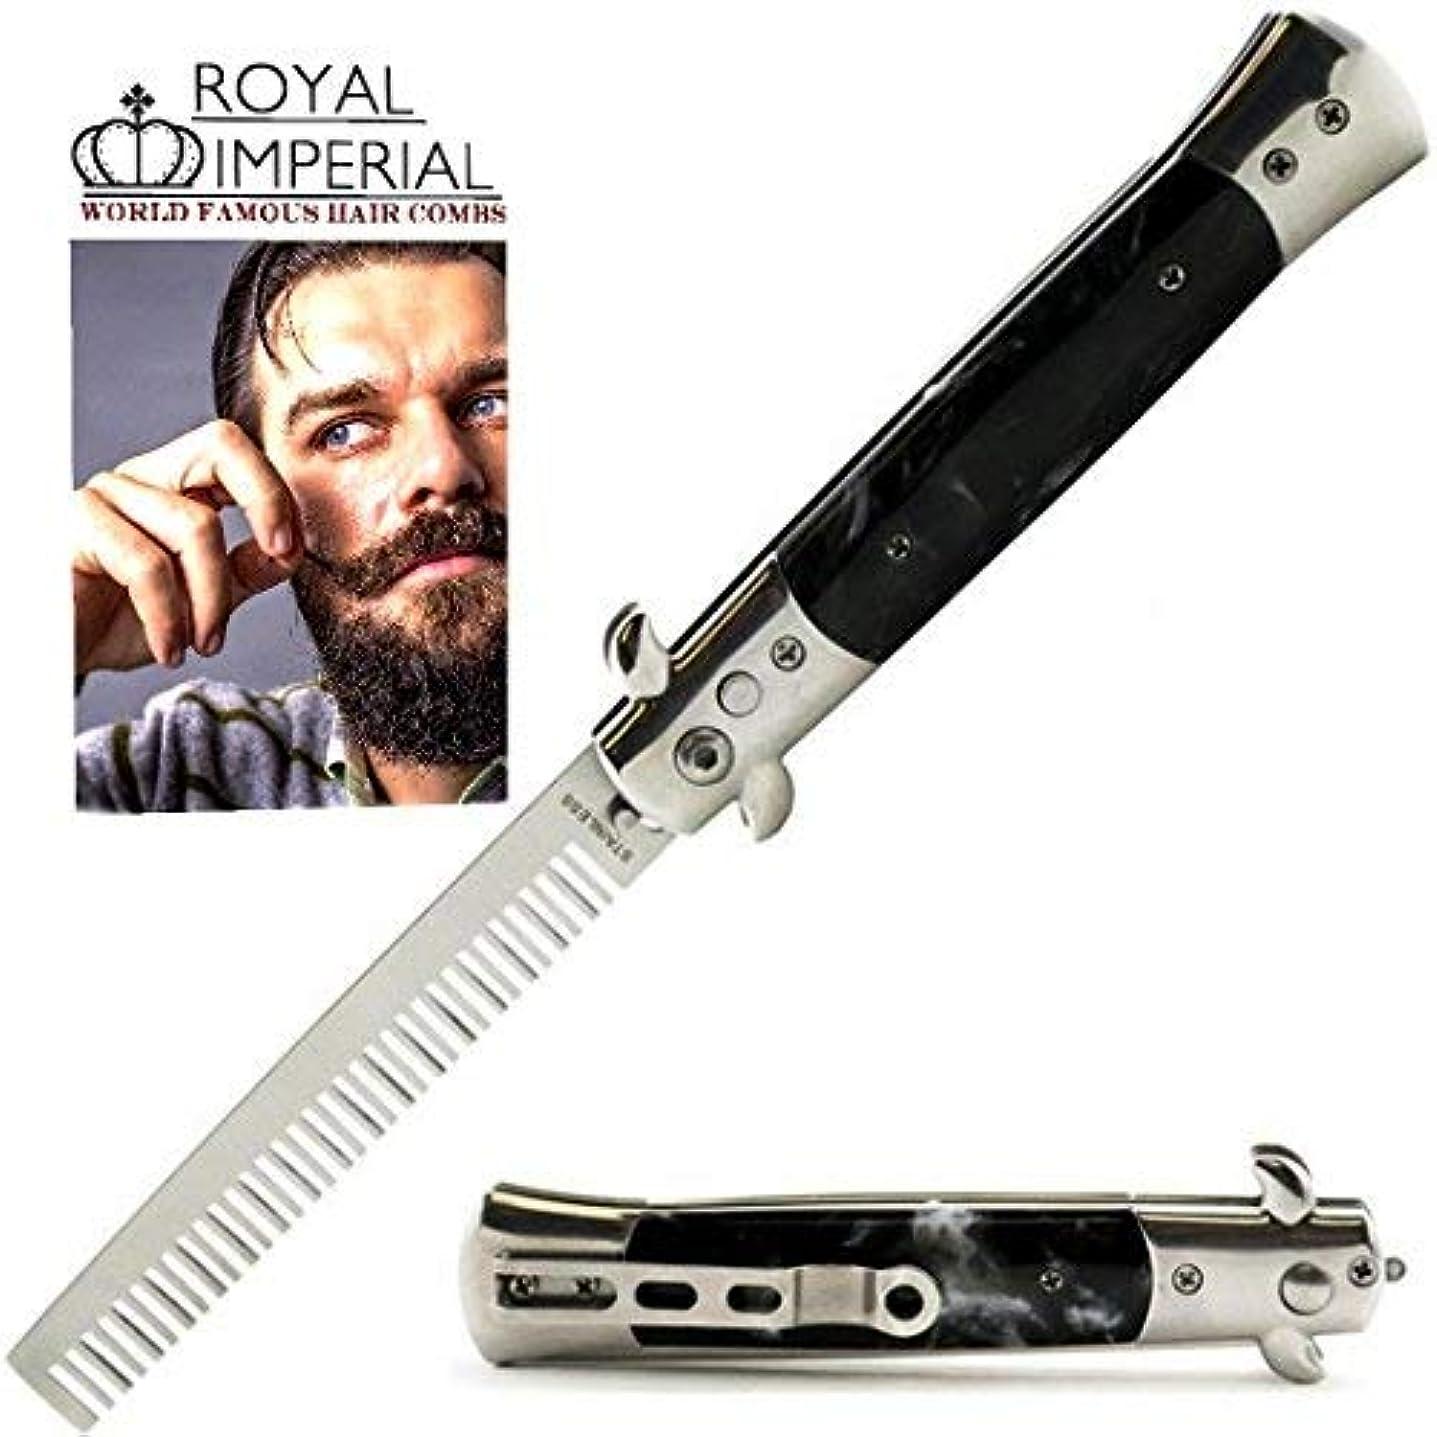 喜んで対応する論理的Royal Imperial Metal Switchblade Pocket Folding Flick Hair Comb For Beard, Mustache, Head Black Pearl Handle ~...